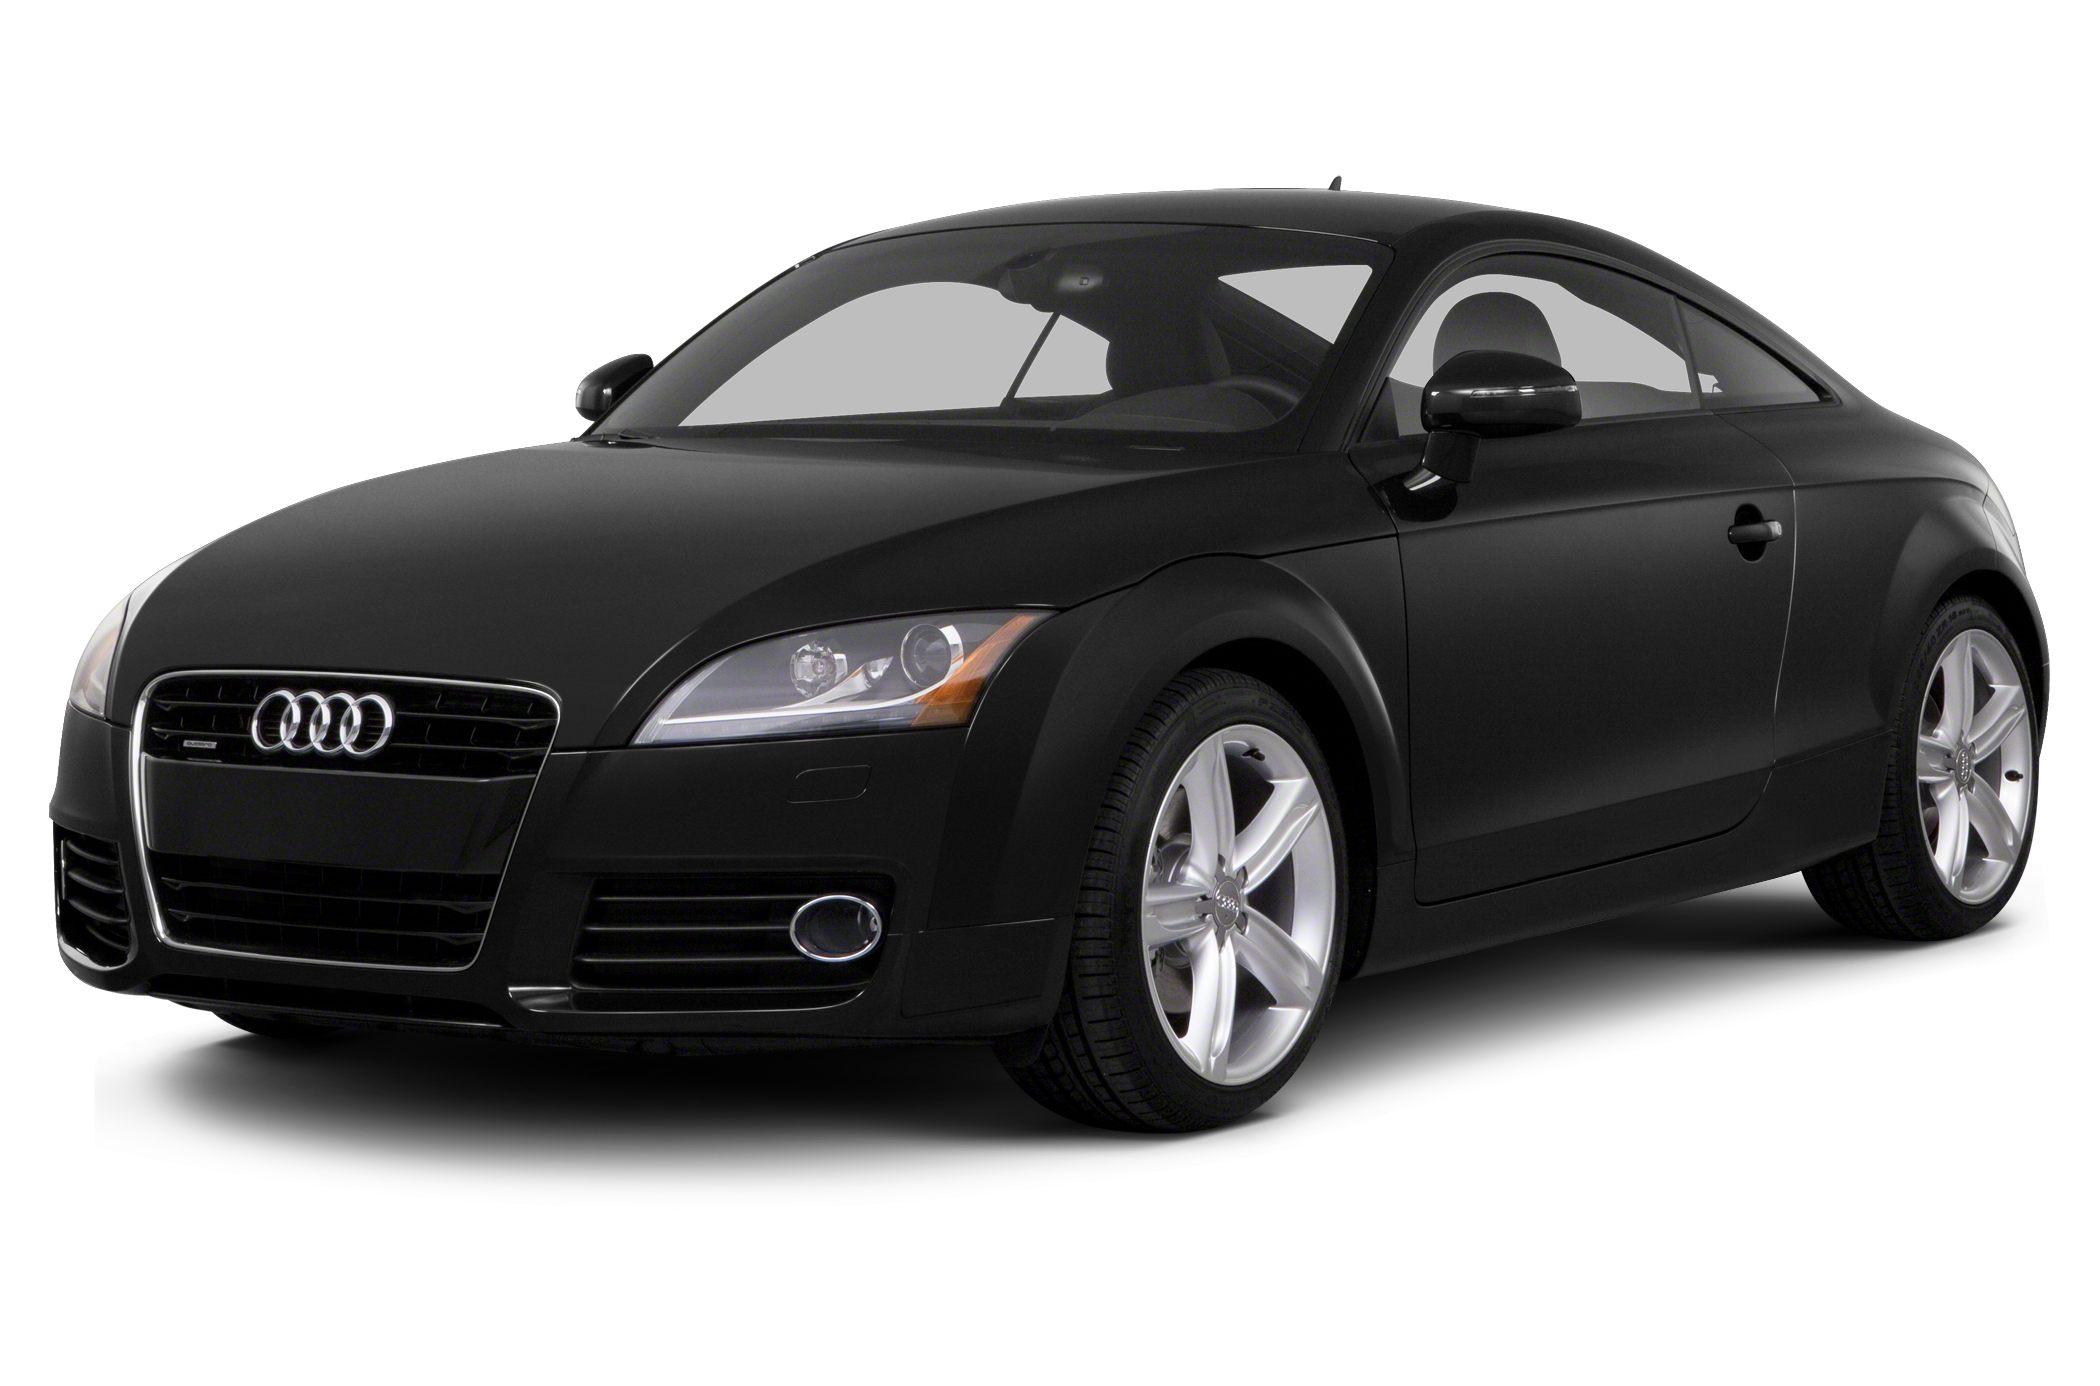 Kelebihan Kekurangan Audi Tt 2011 Perbandingan Harga